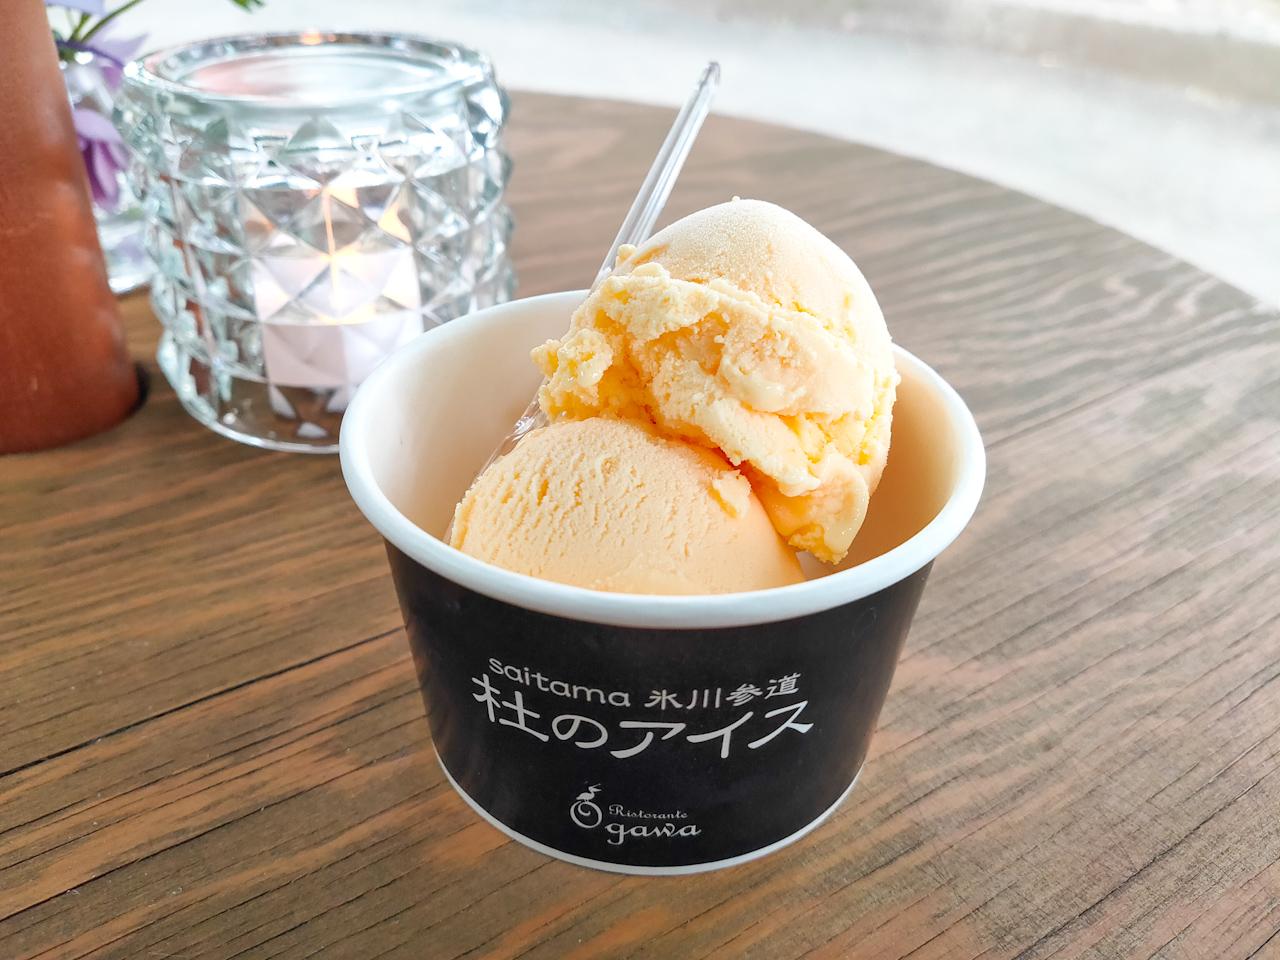 アイスの優しい甘さの中から、大吟醸の香りが広がる優雅な美味しさ